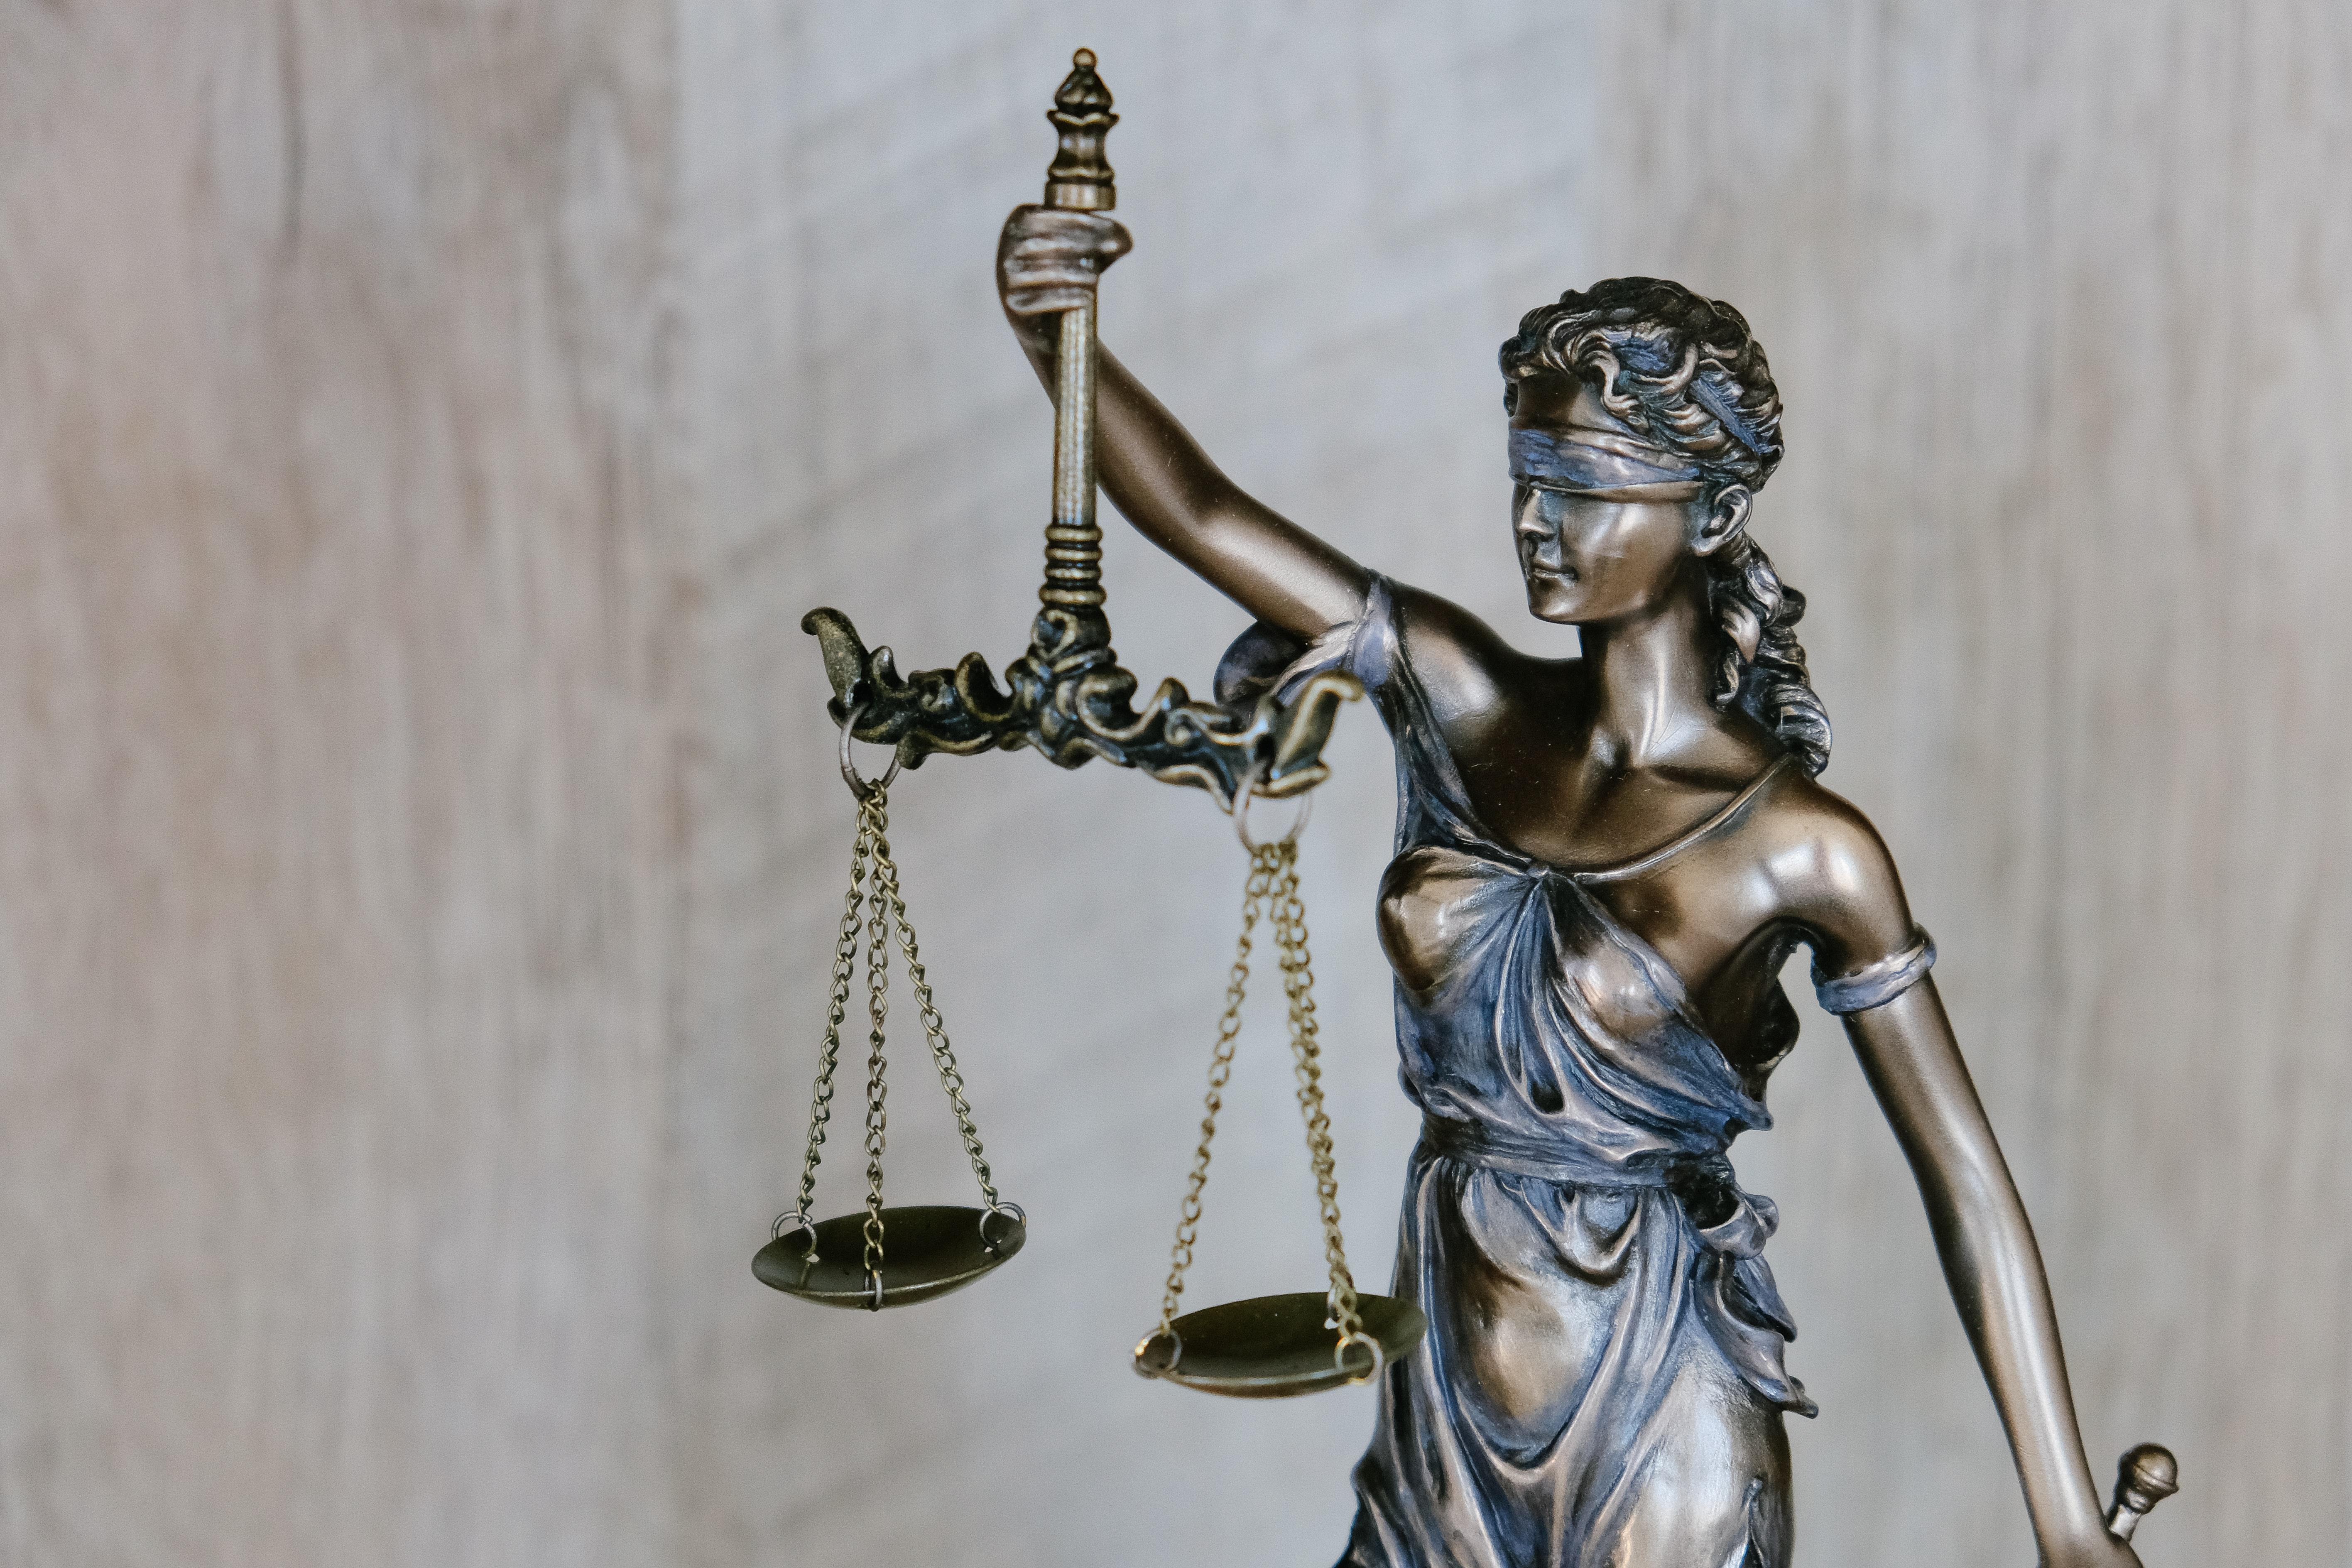 Czy wirtualna rzeczywistość odmieni wymiar sprawiedliwości? Wyniki tego eksperymentu pozwalają myśleć, że tak